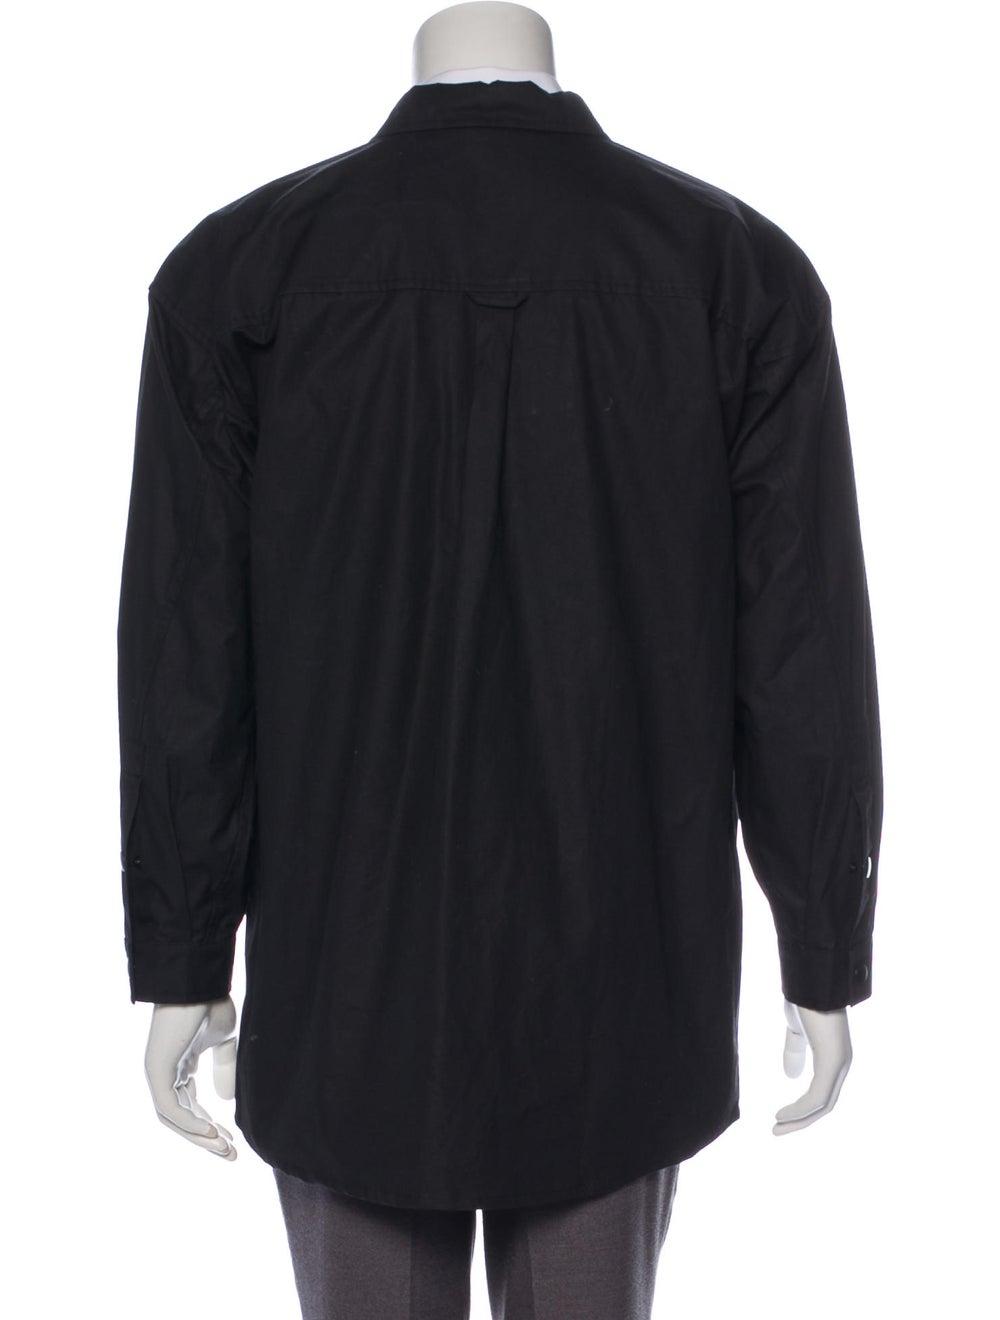 Stutterheim Coated Shirt Jacket - image 3